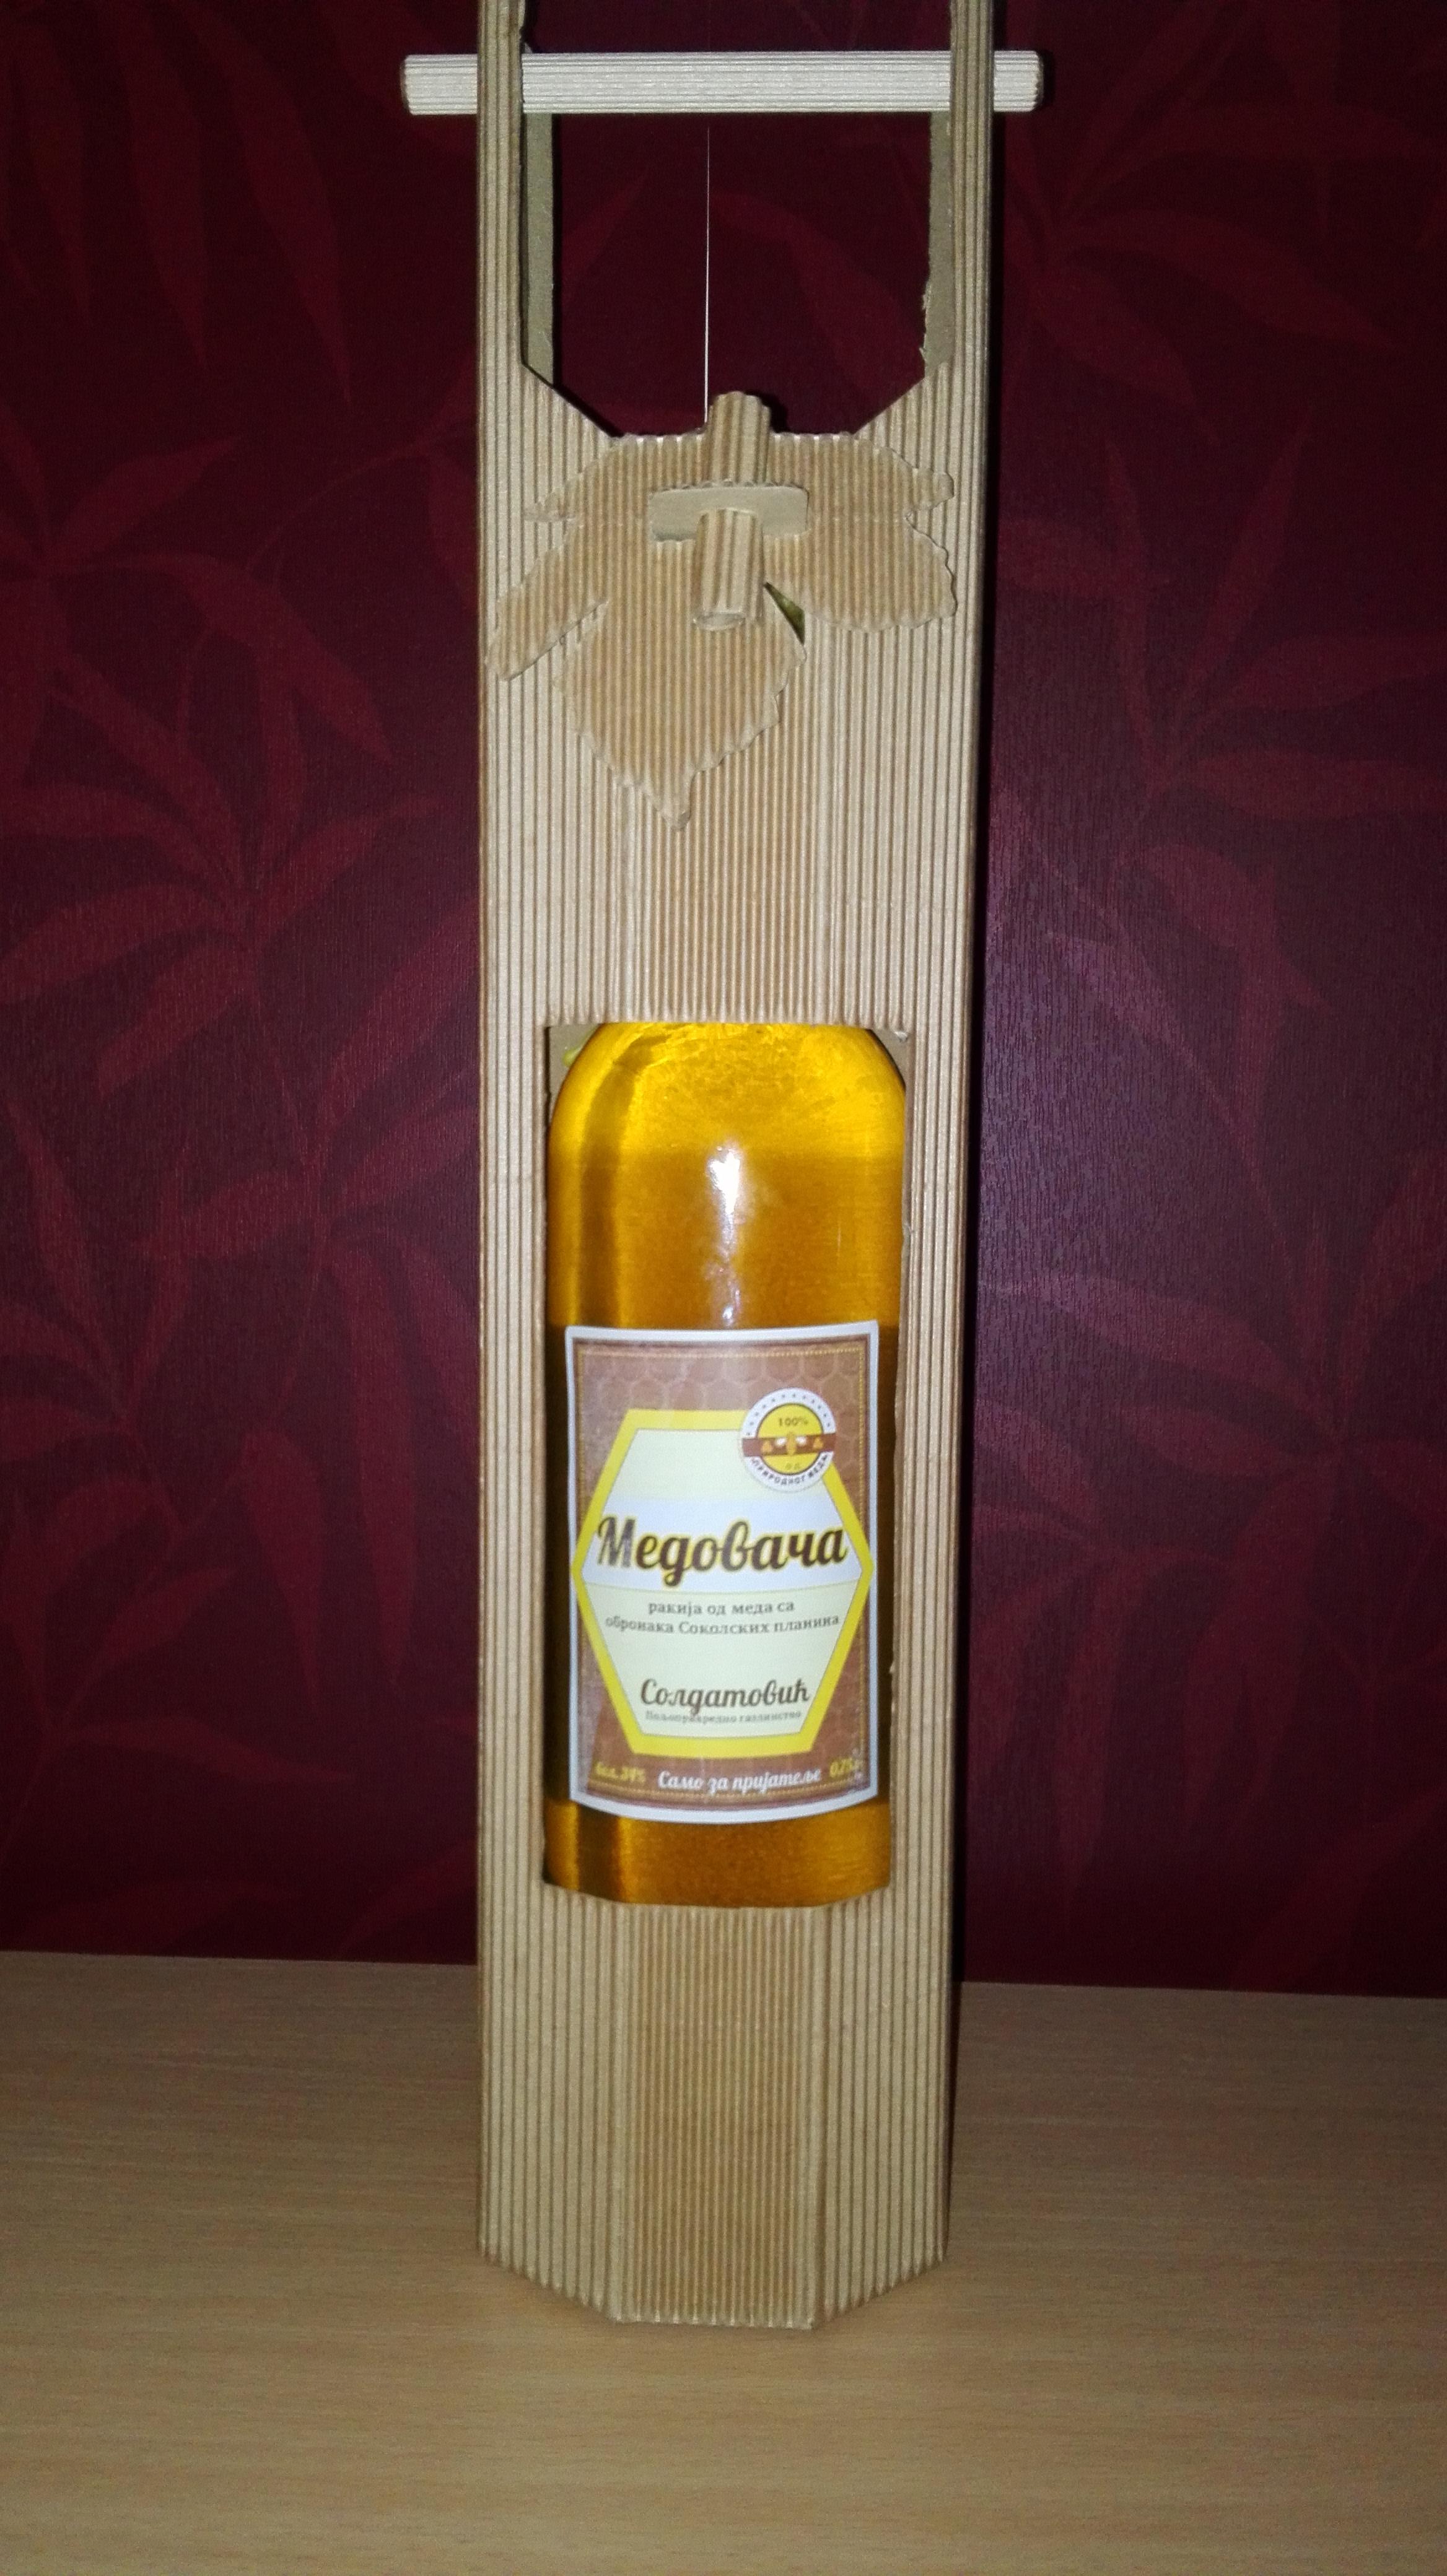 Medovača - obogaćena lekovitim biljem i propolisom u luksuznom pakovanju, kombinacija natur kartona i drveta